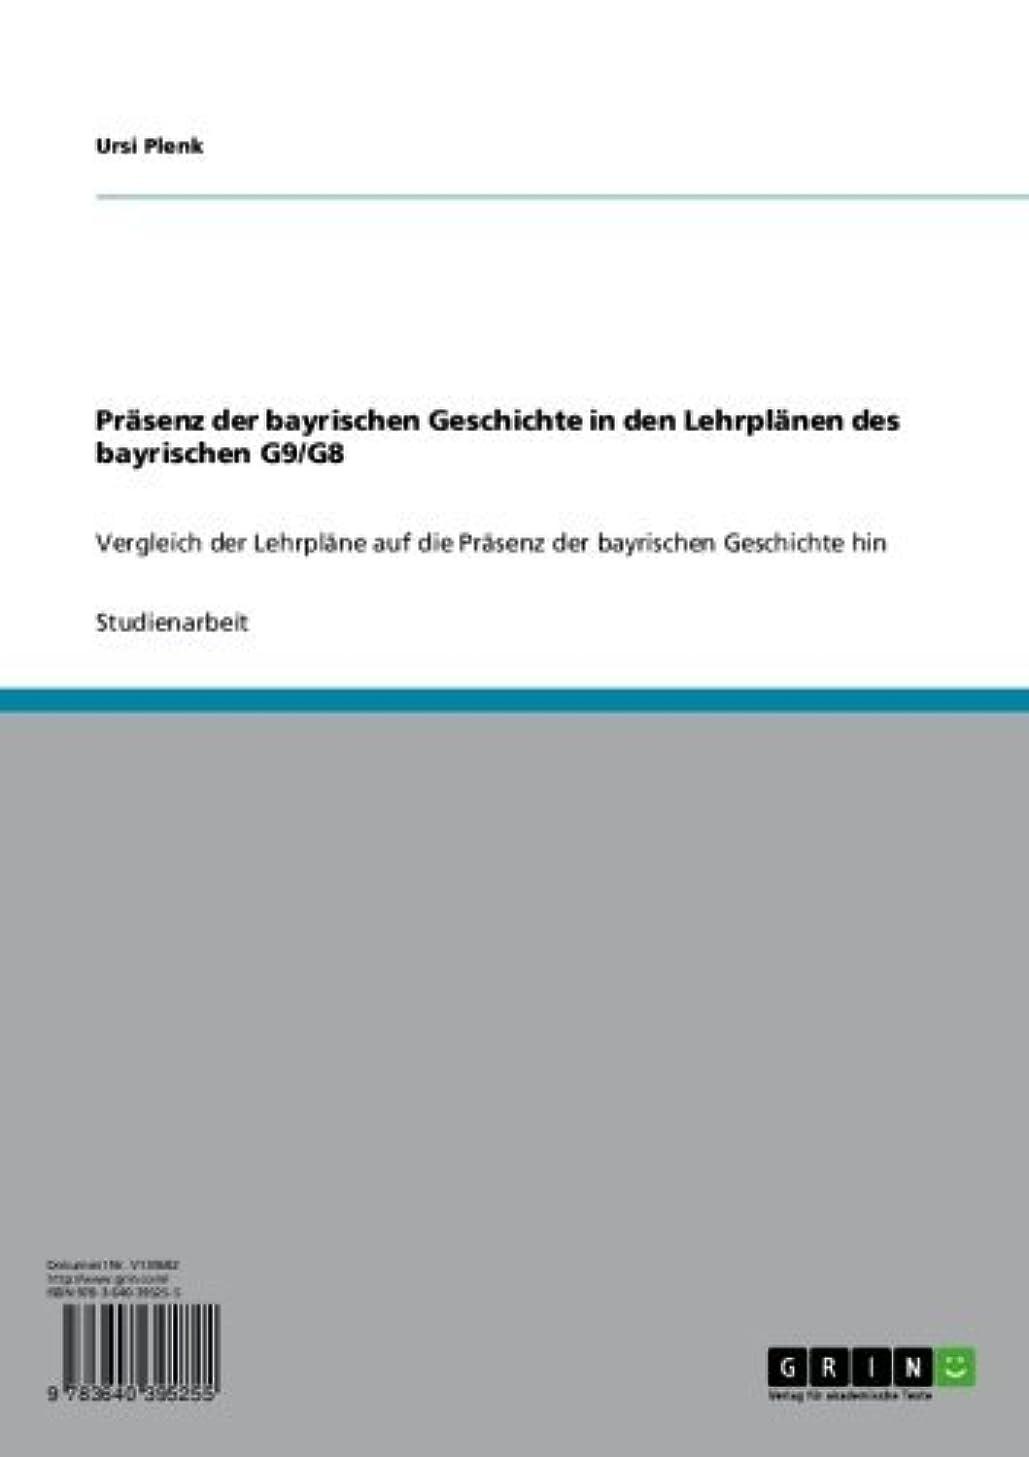 部分遠いバーチャルPr?senz der bayrischen Geschichte in den Lehrpl?nen des bayrischen G9/G8: Vergleich der Lehrpl?ne auf die Pr?senz der bayrischen Geschichte hin (German Edition)